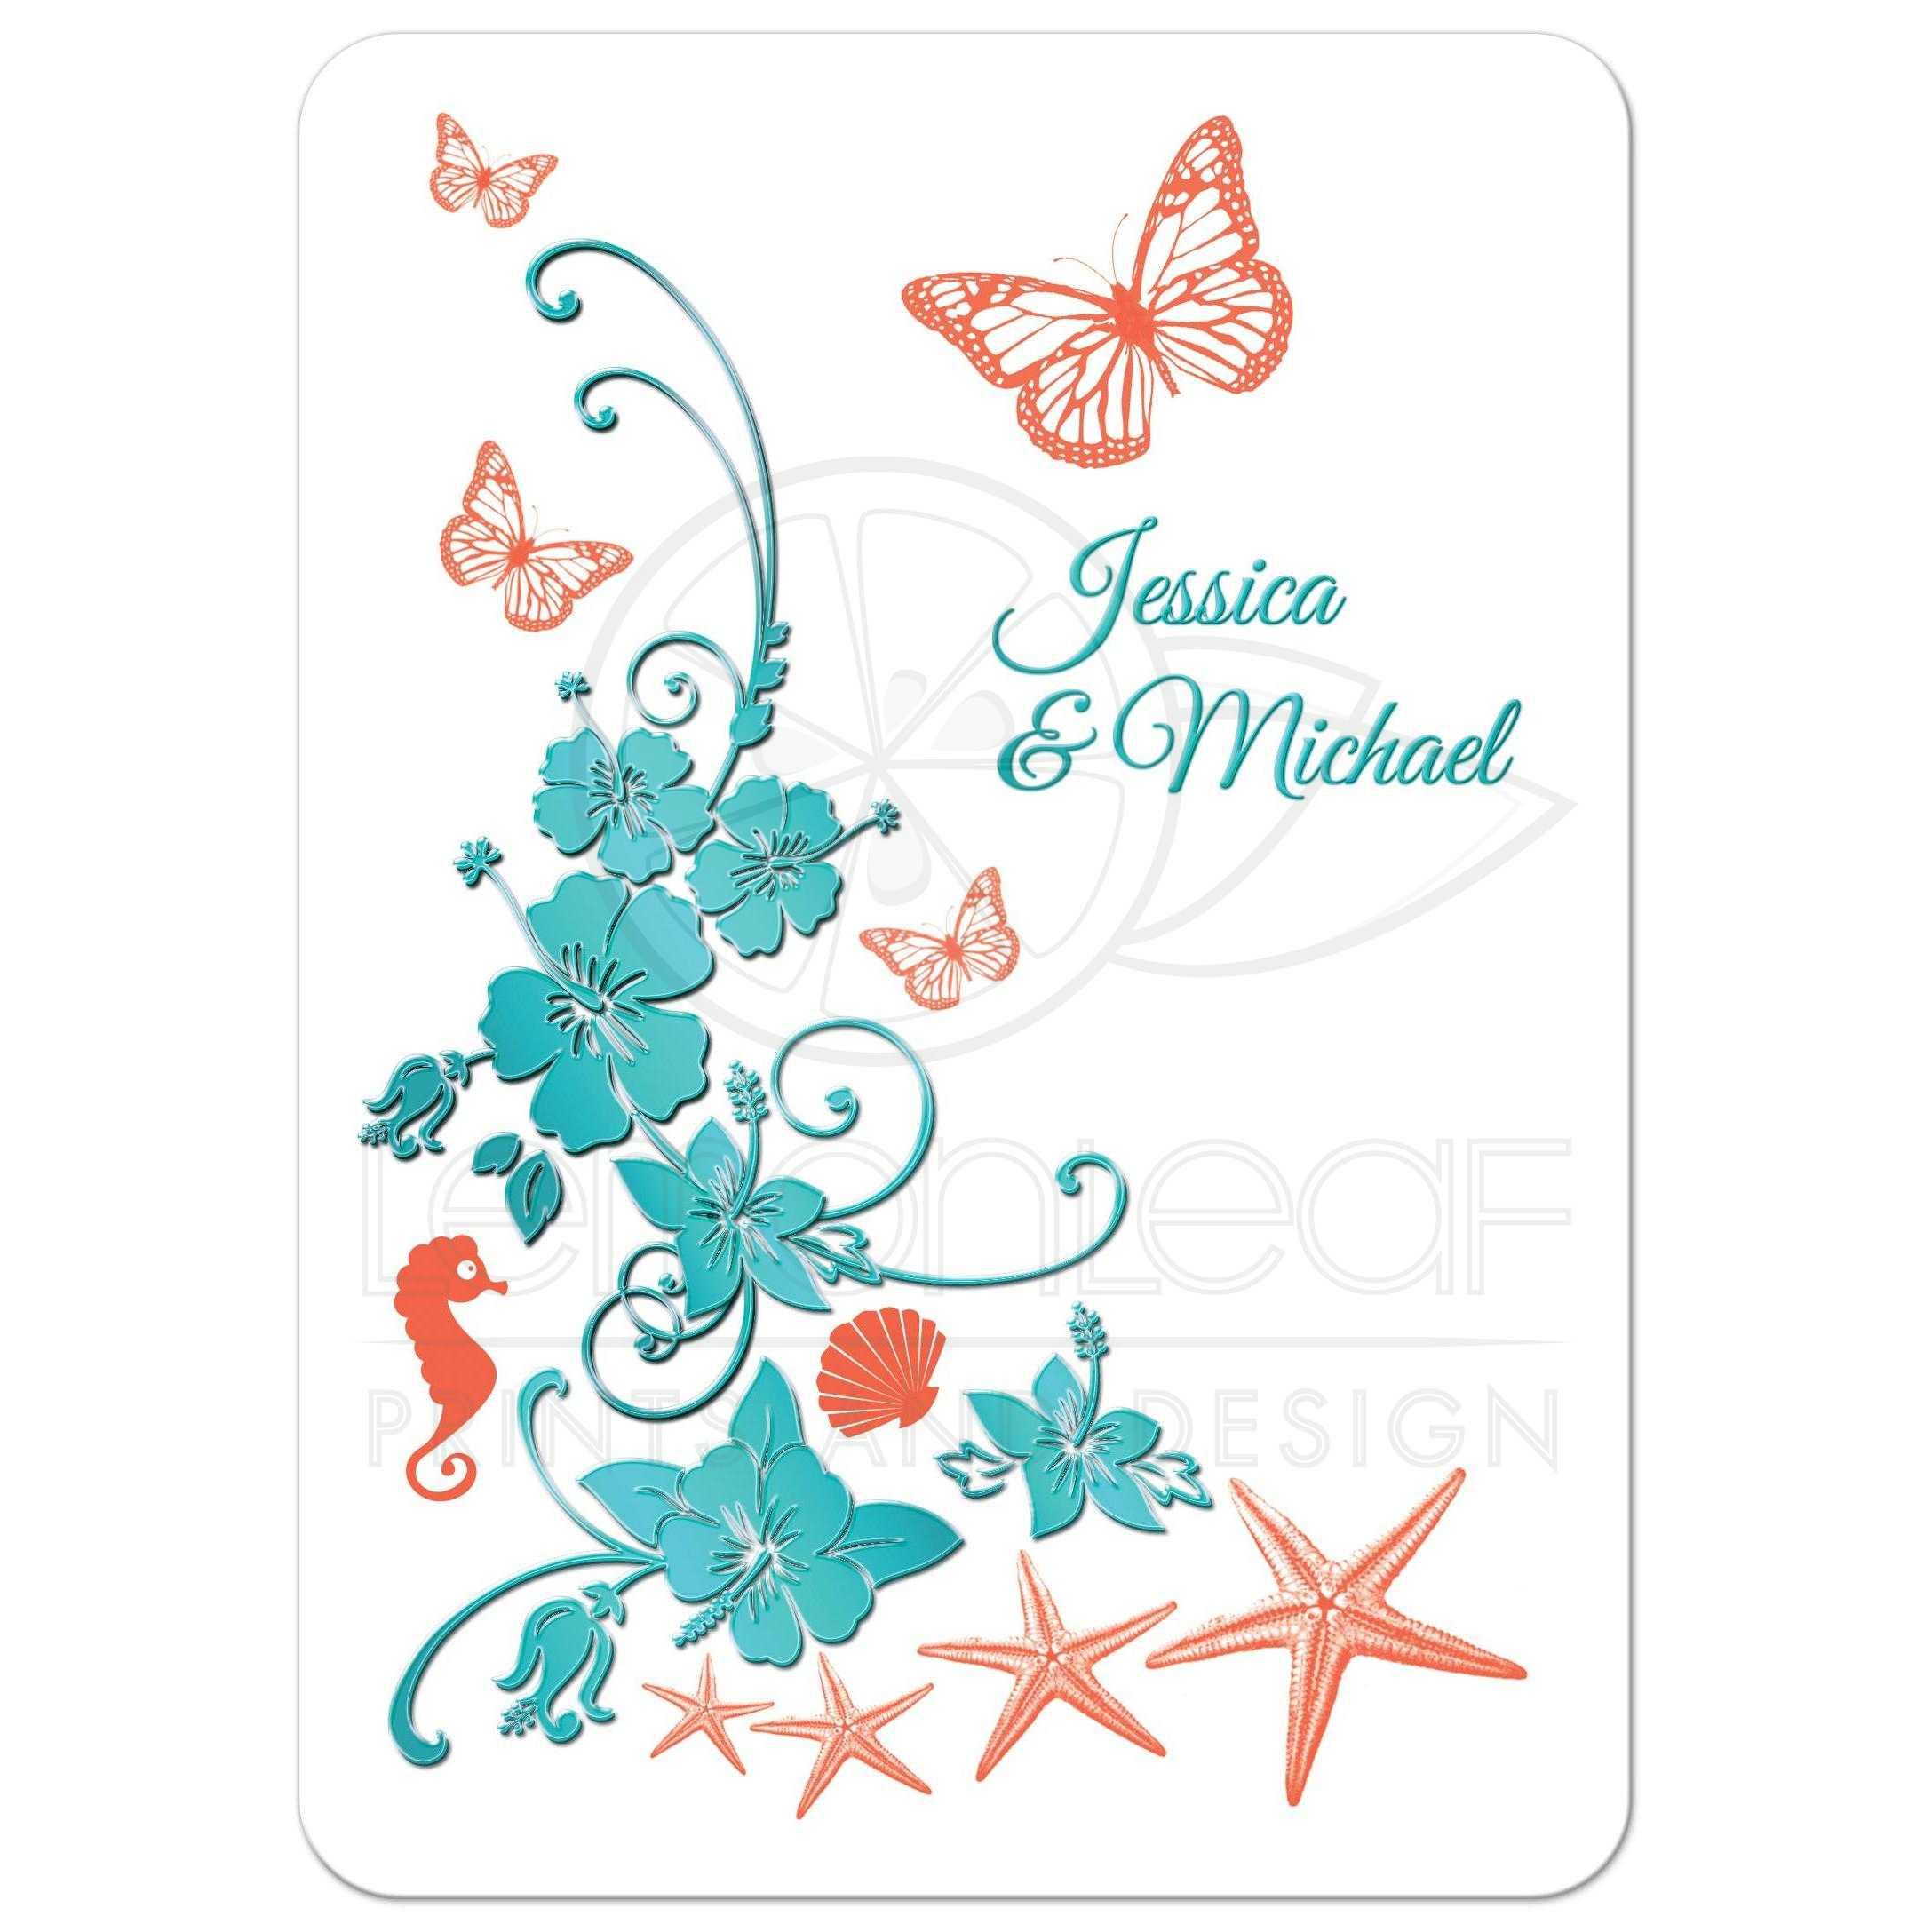 Coral Colored Wedding Invitations: Destination Wedding Invitation